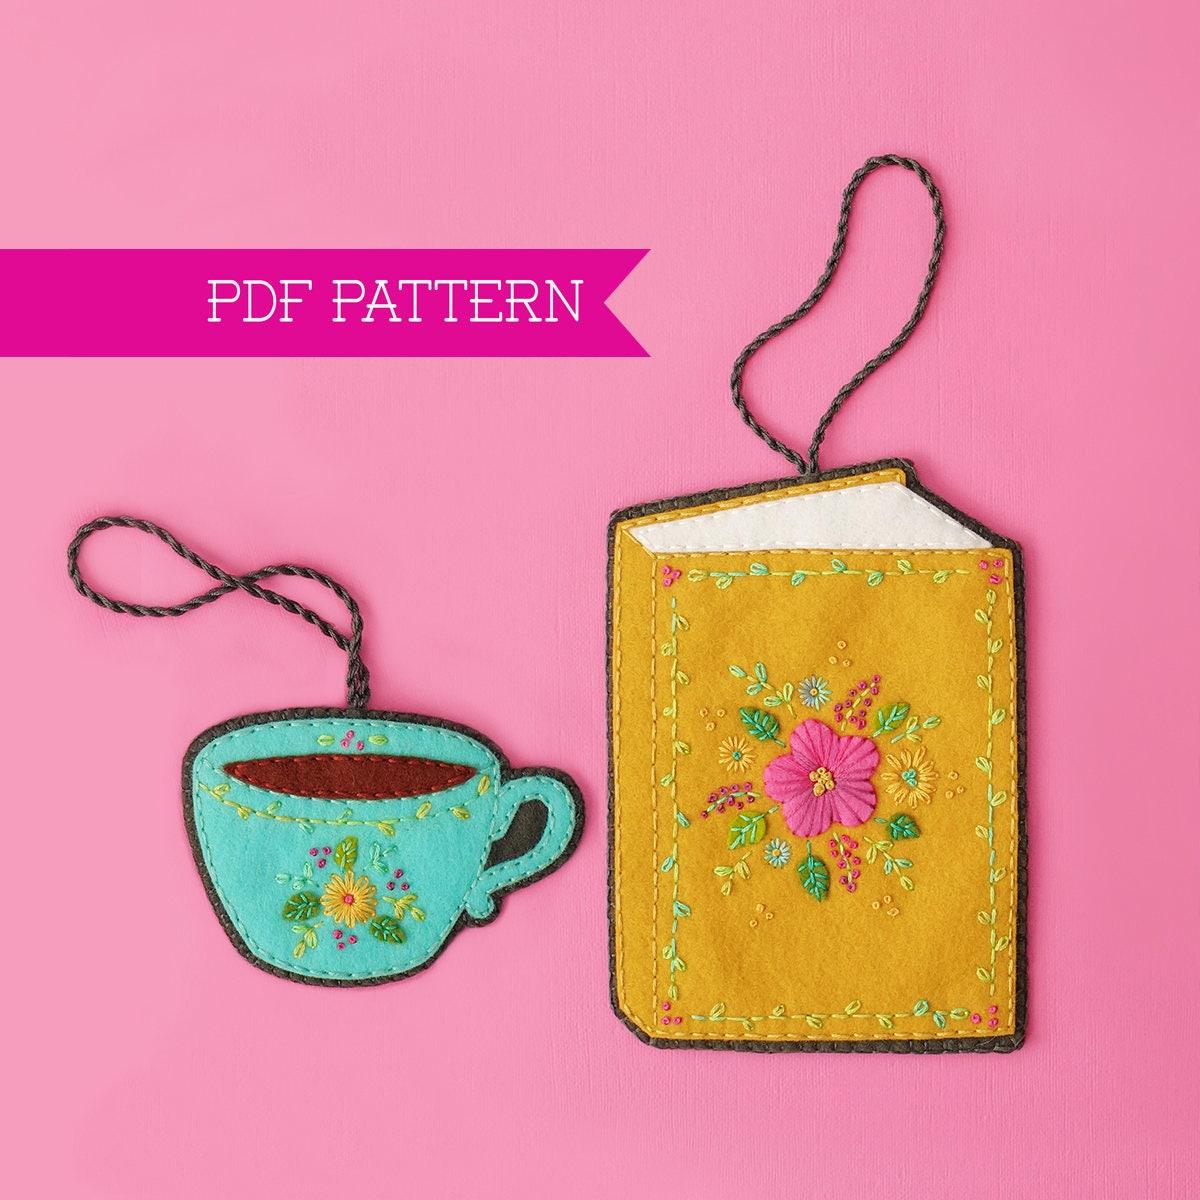 Felt Ornament Book Lover Felt Ornament Pattern Teacup | Etsy